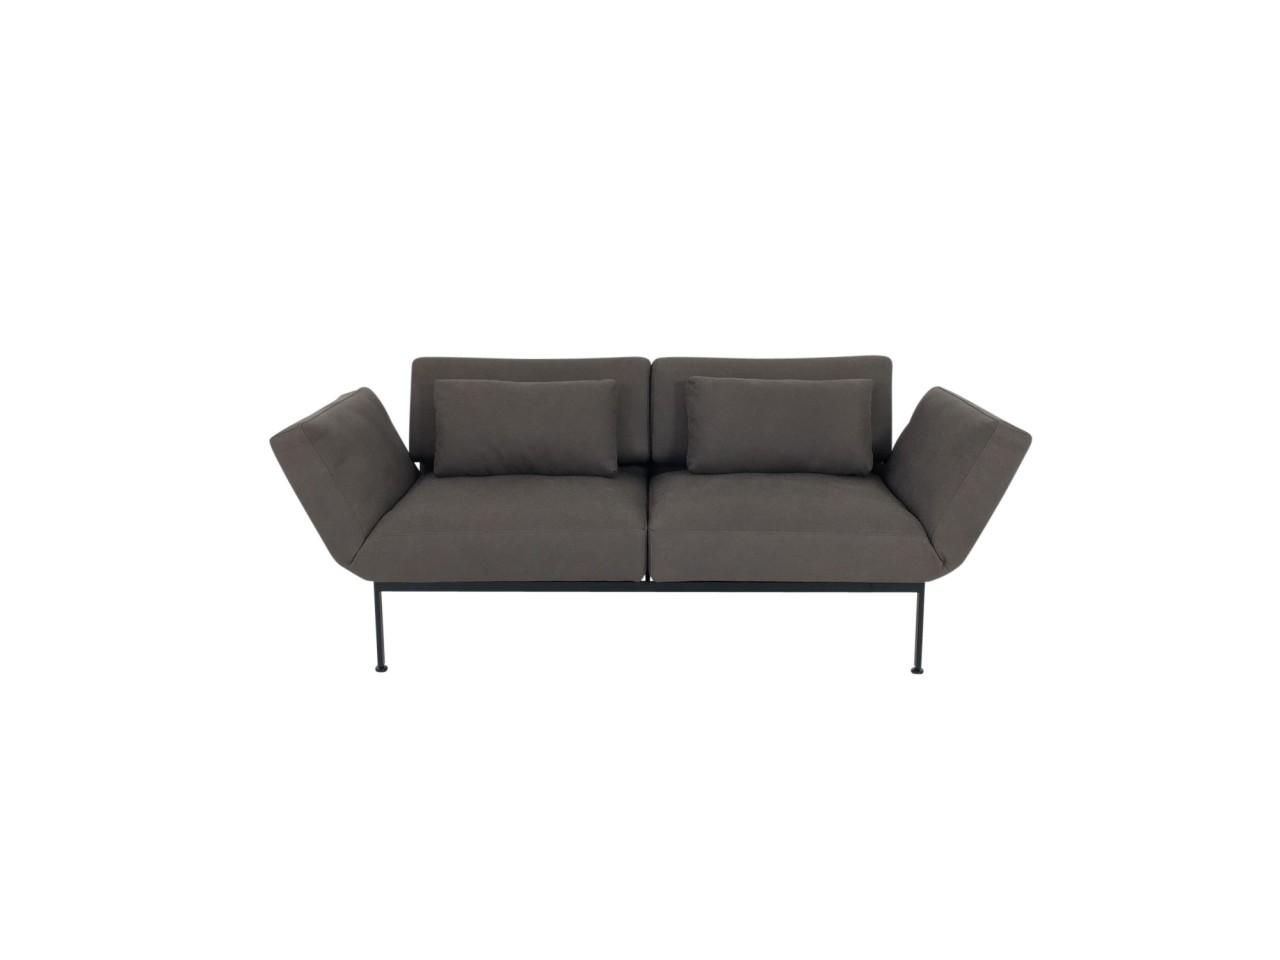 Brühl RORO/20 soft Sofa 2 mit weichen Sitzen in Leder Taron graubraun Gestell schwarz mit Rollen